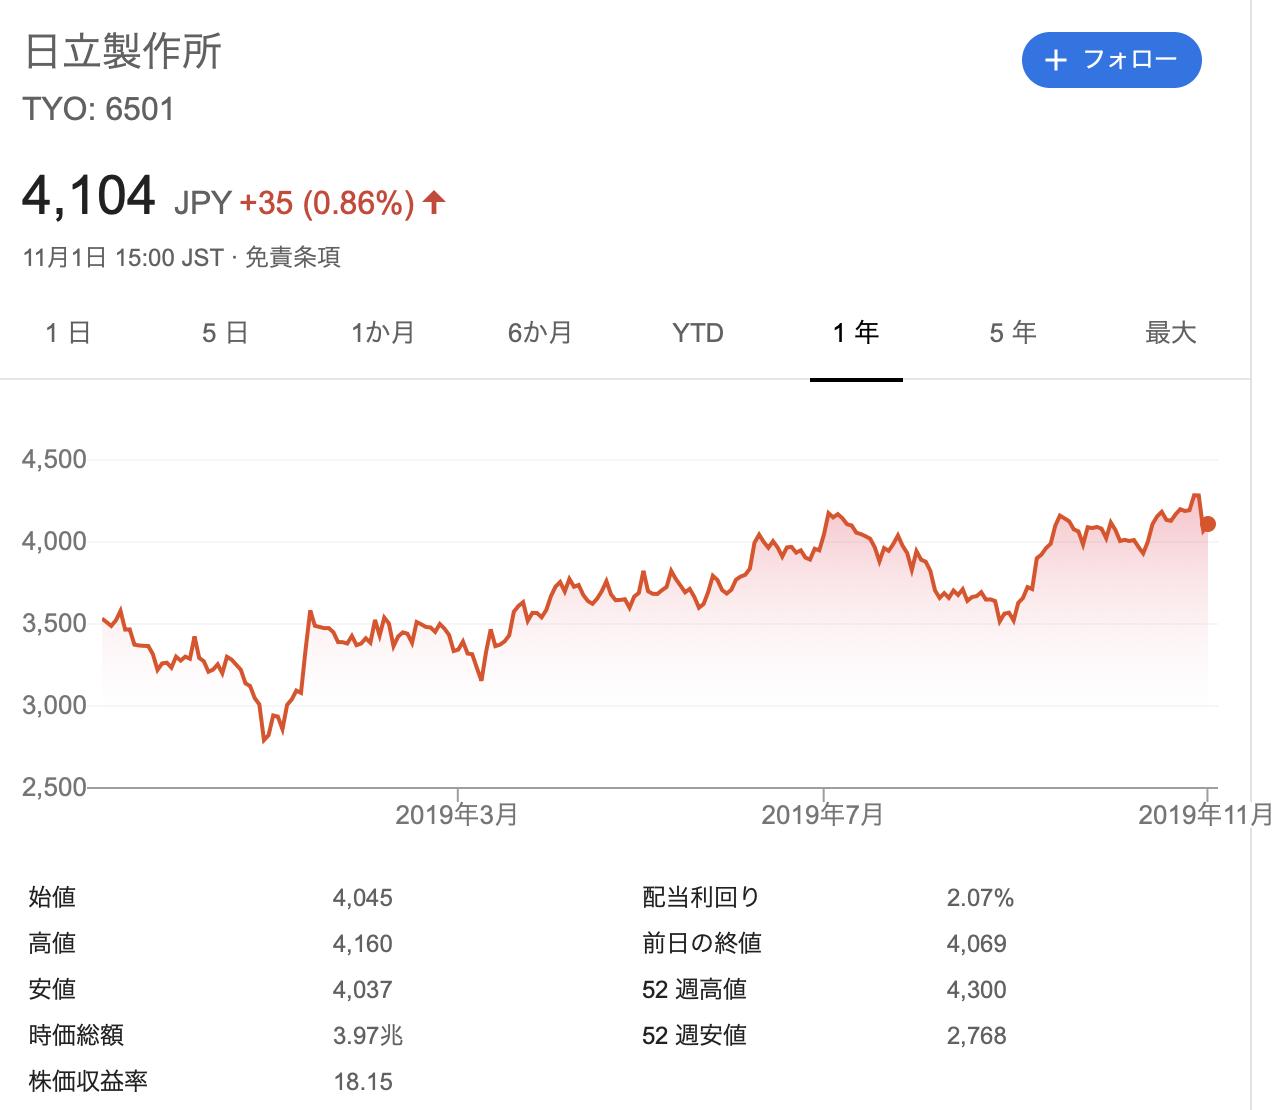 日立製作所 株価